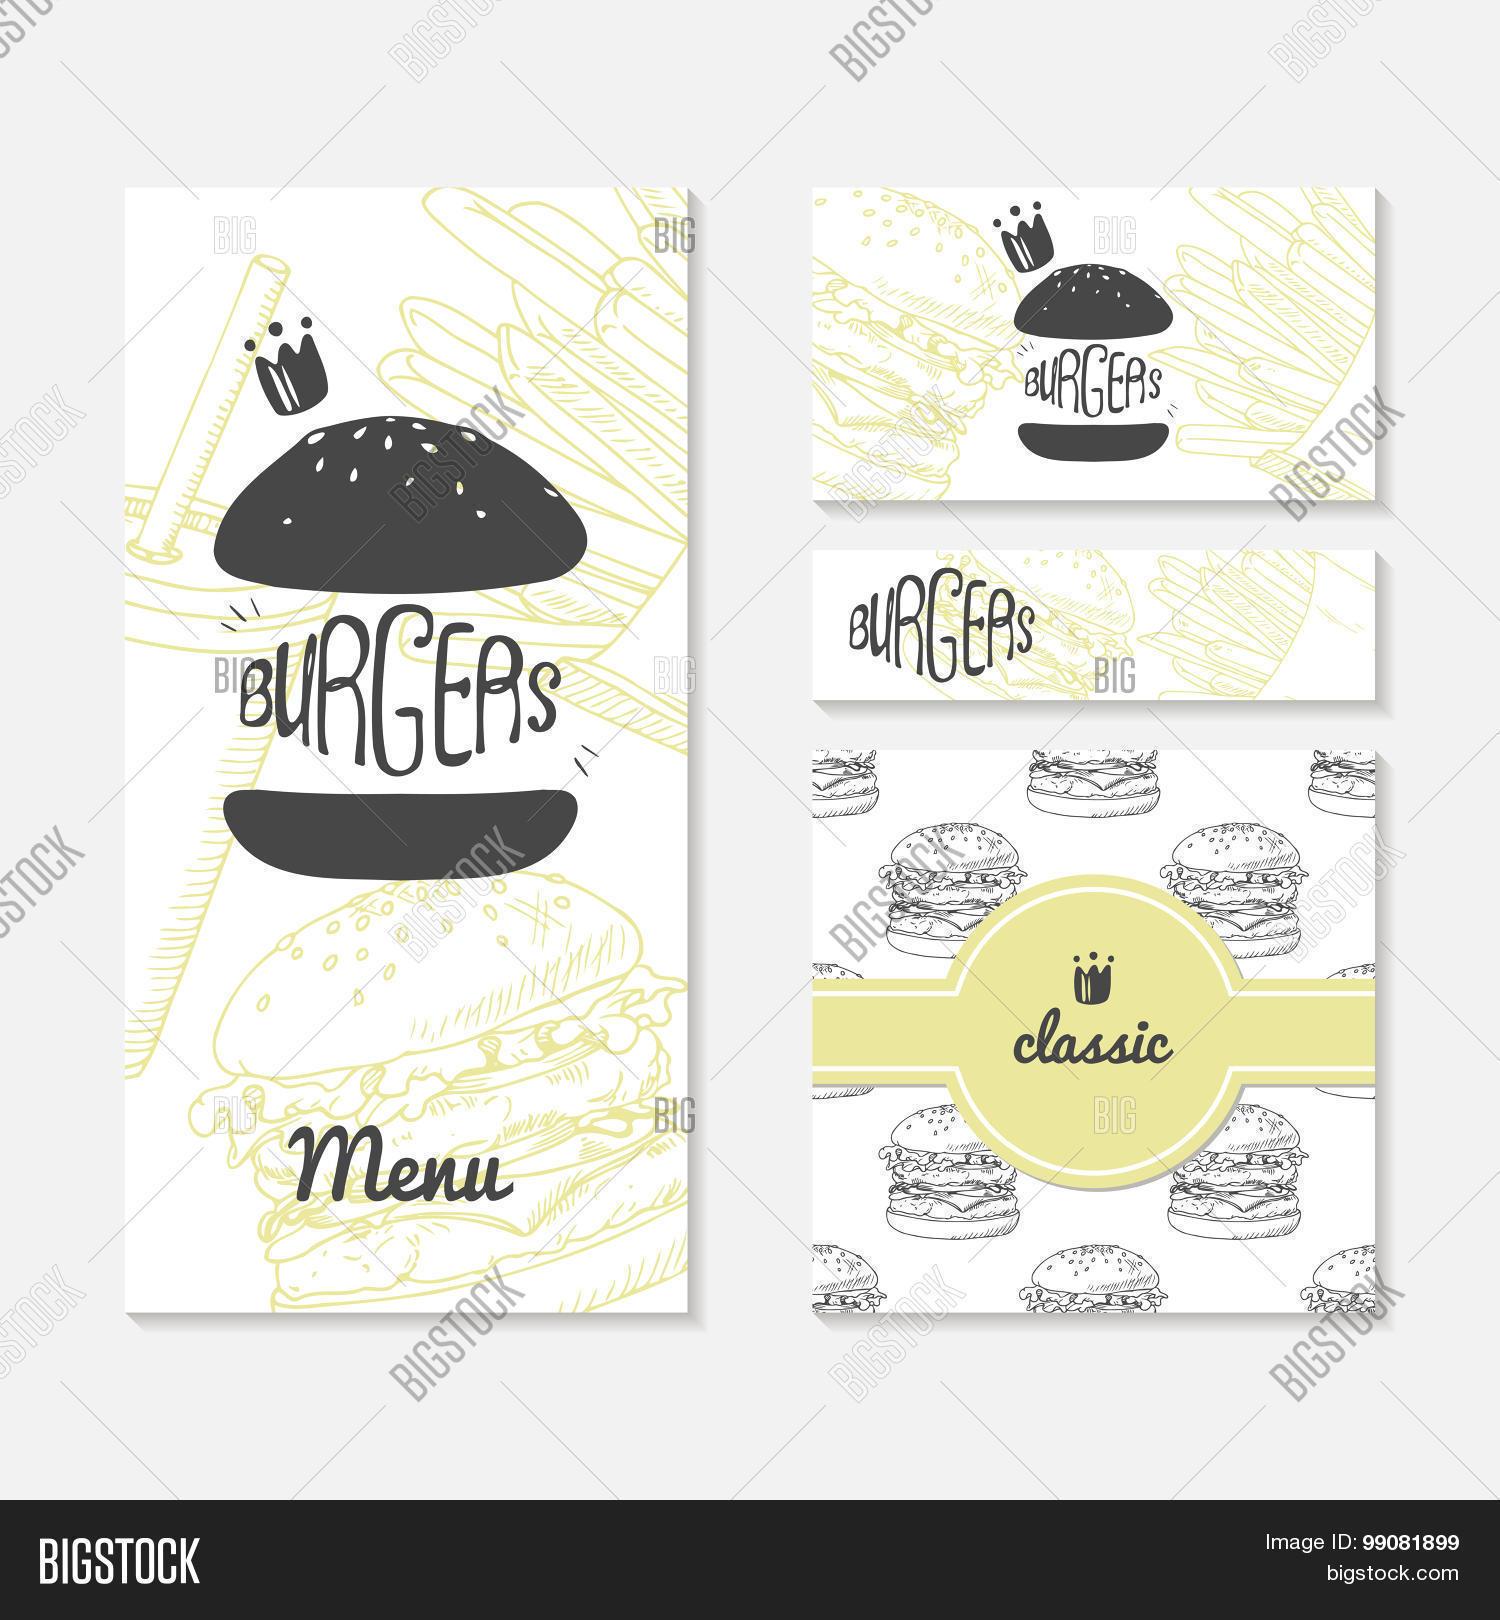 Set cards sketched burger fast vector photo bigstock set of cards with sketched burger fast food branding menu business card magicingreecefo Images